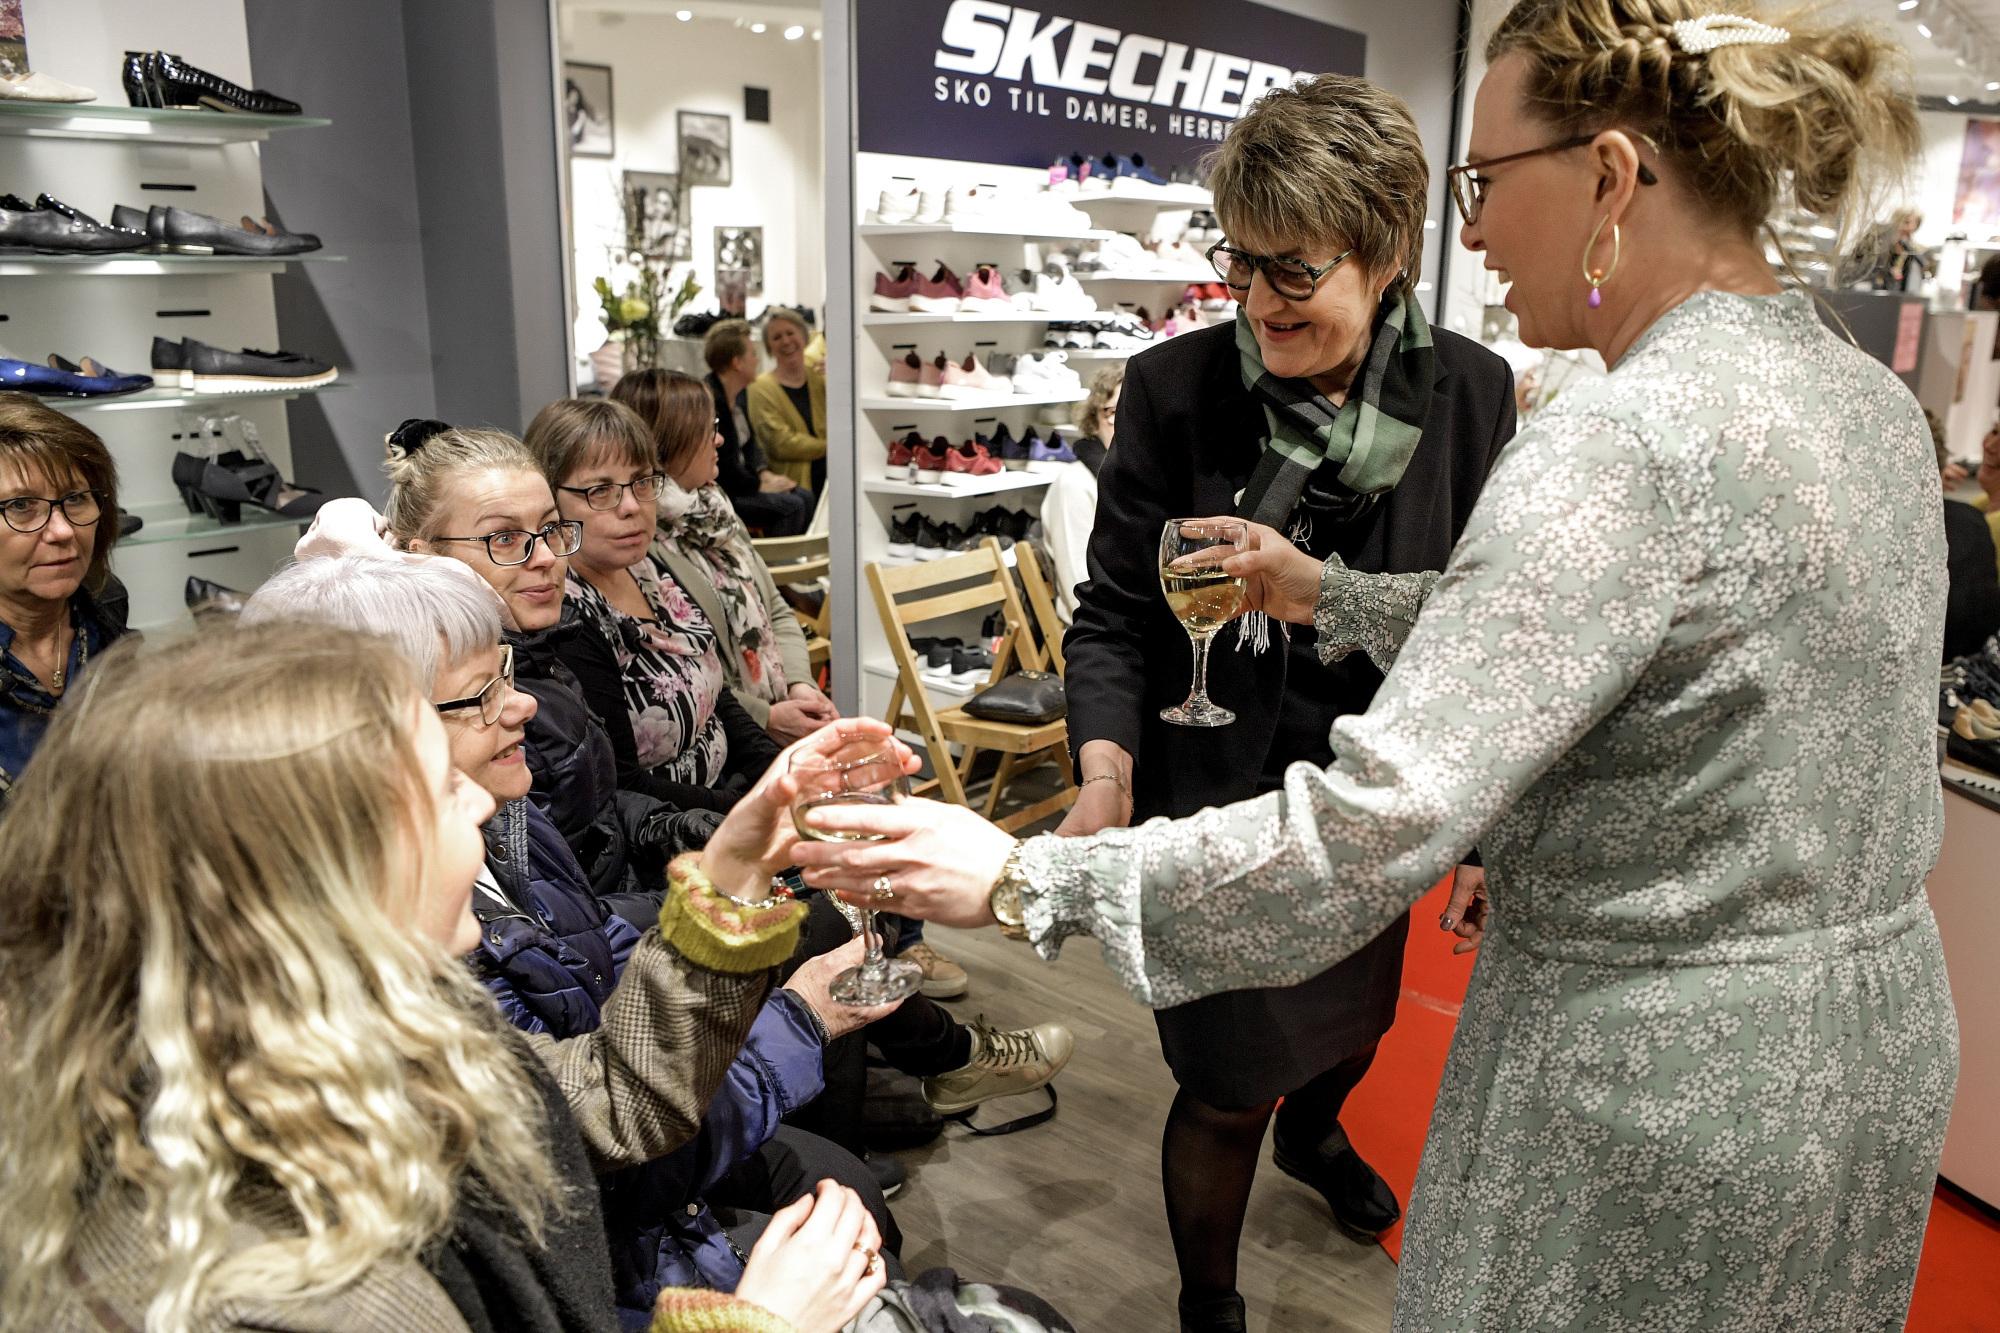 Modekr Se Med dk BillederneKvindeuge sVendelboposten YWEDH29I